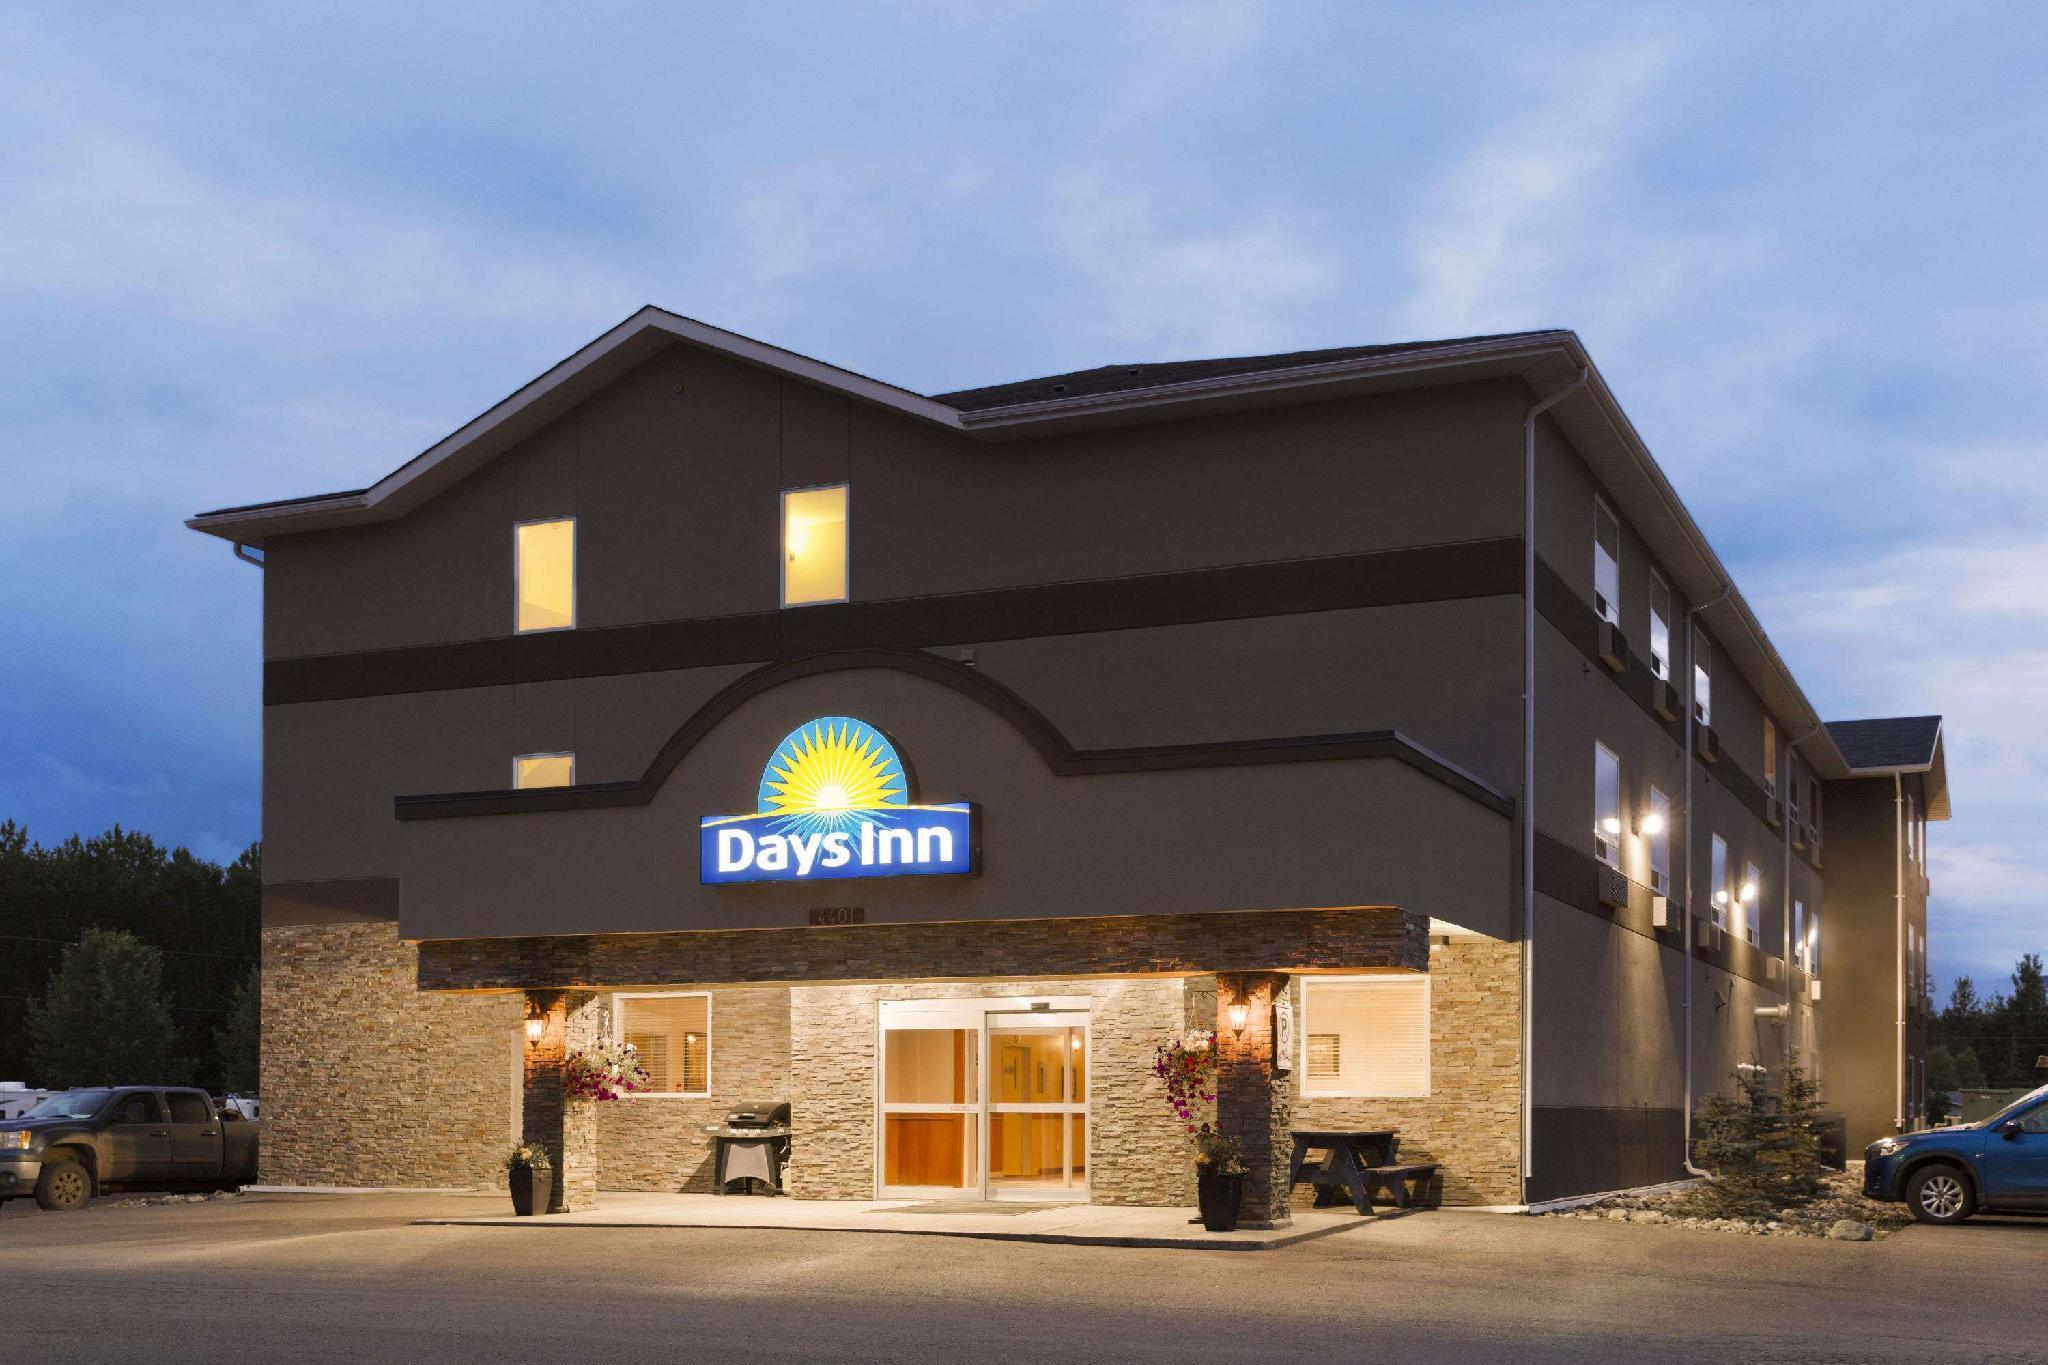 Days Inn By Wyndham Chetwynd